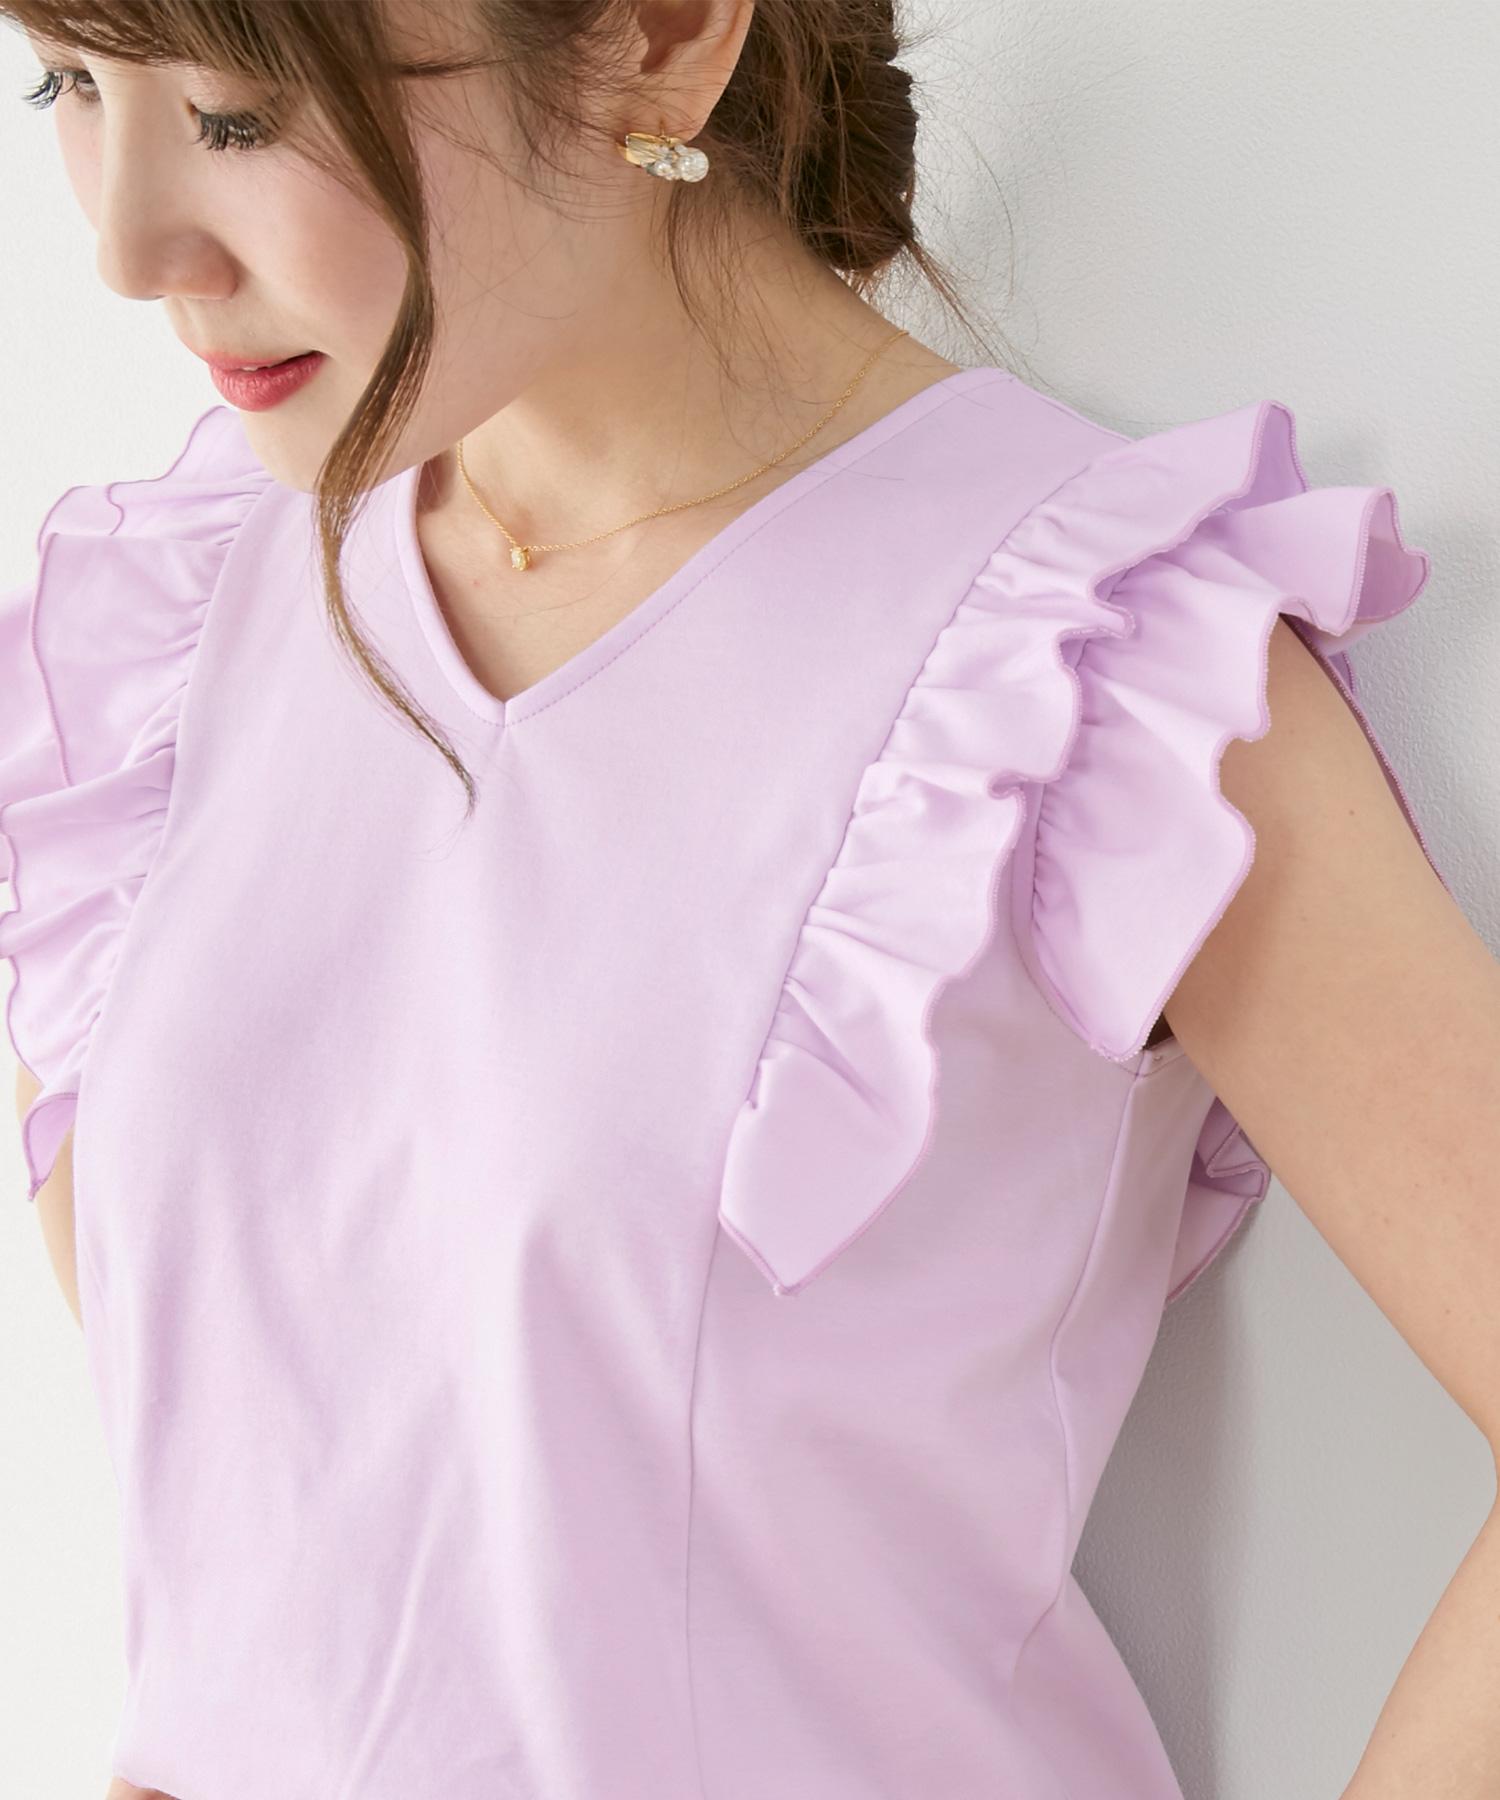 涼しげでスリム効果のある袖の丈感とフリル。かわいくておしゃれなカットソー。